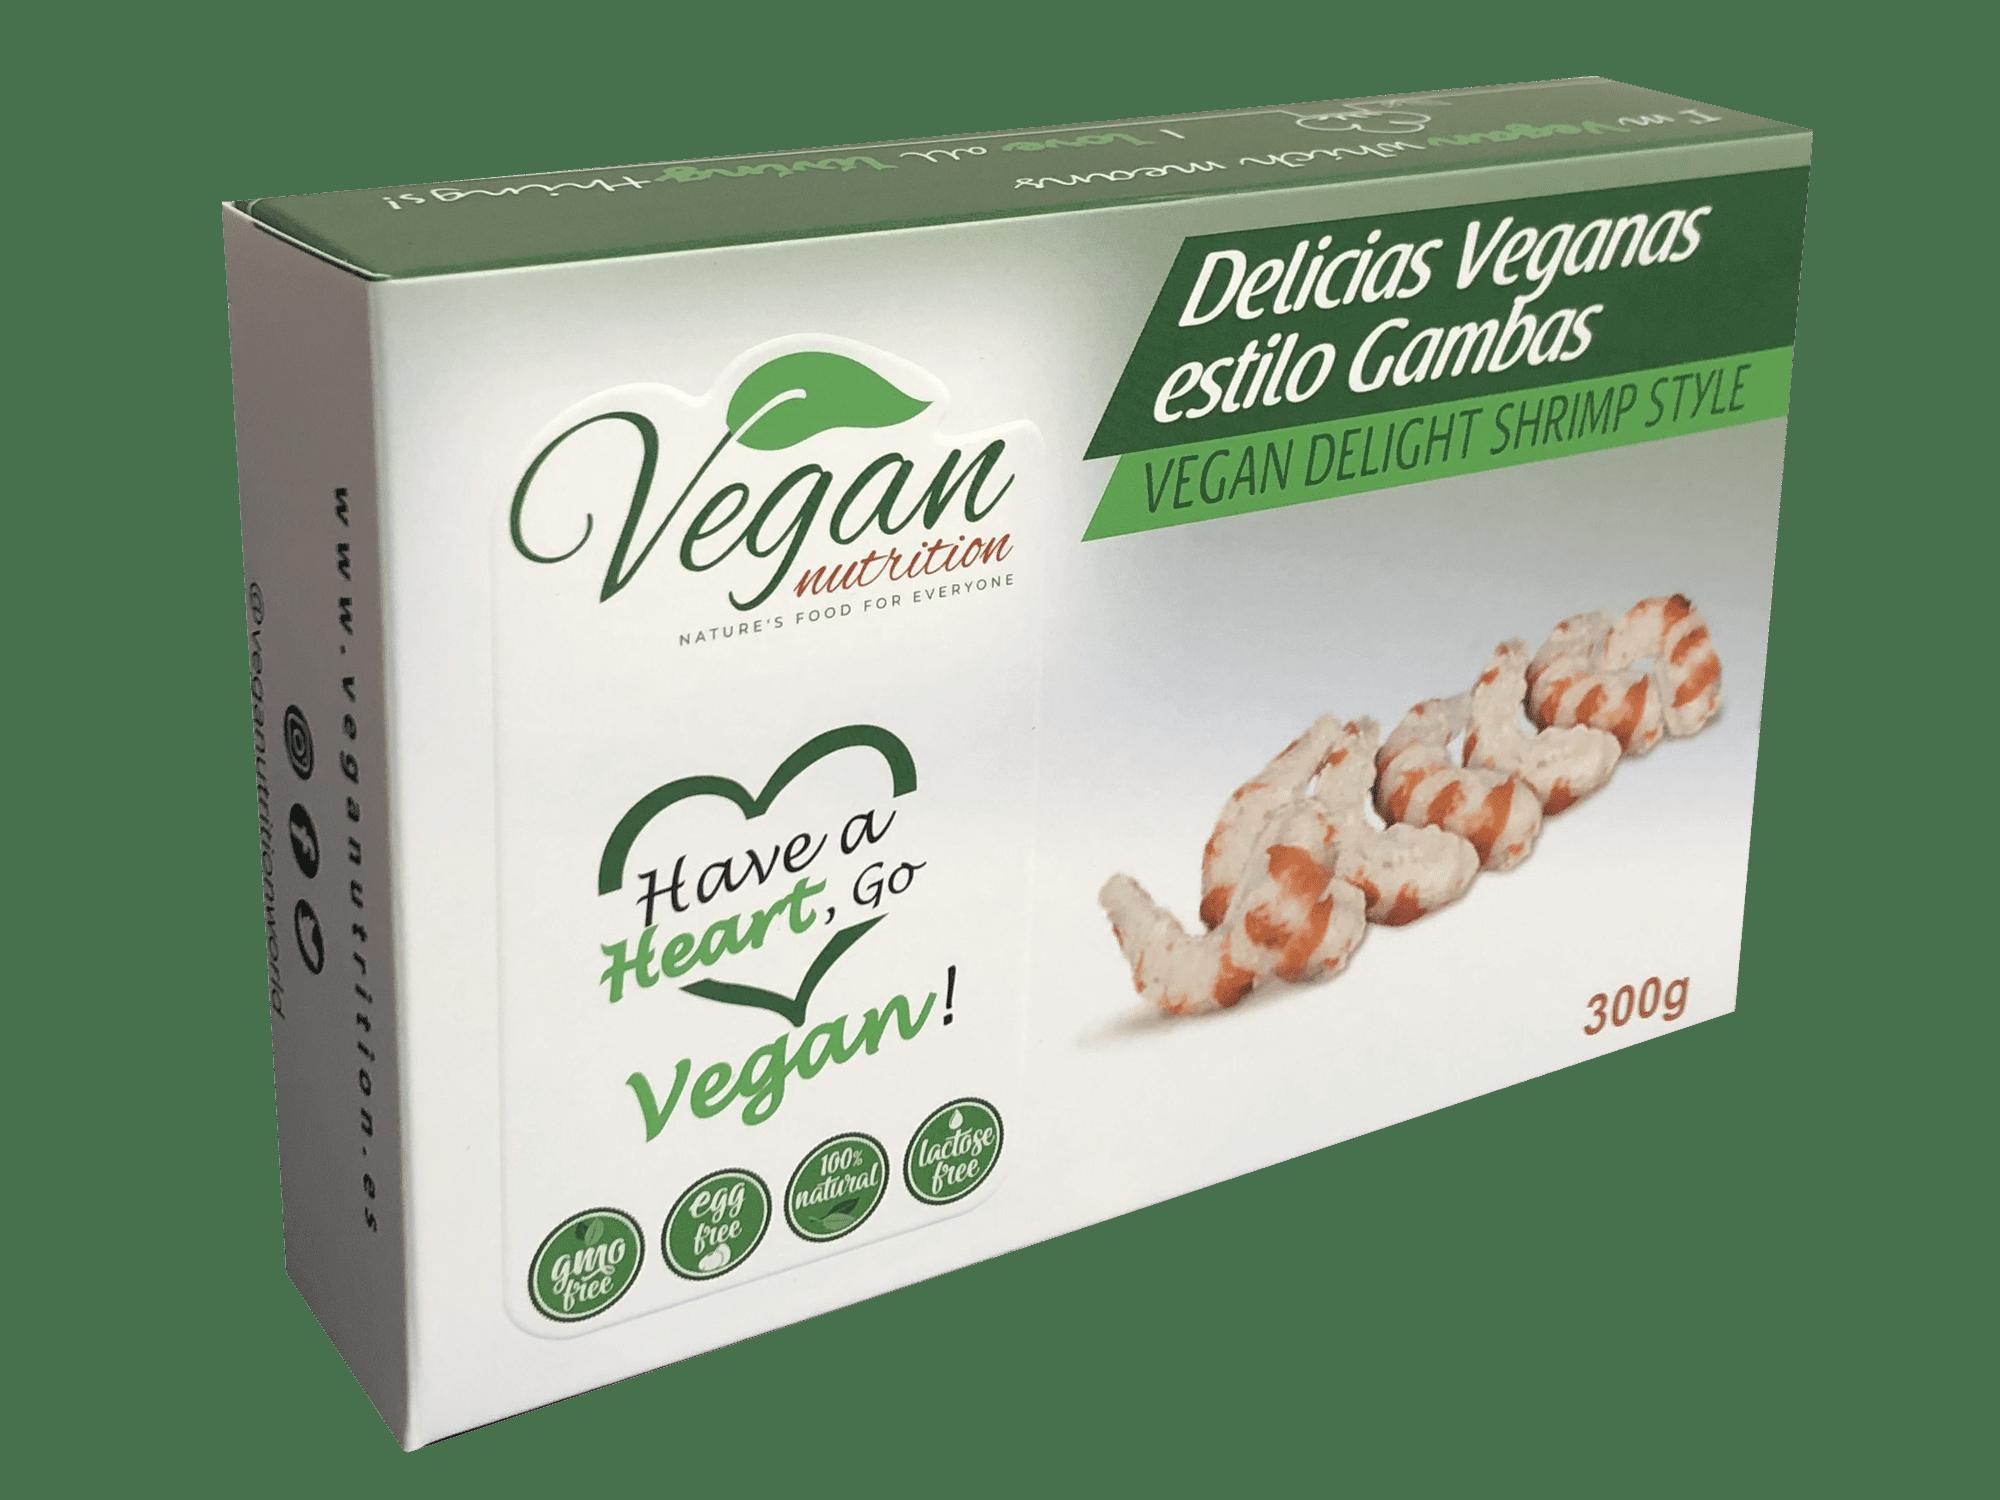 Preparado vegetal estilo gambas (HORECA) - Vegan Nutrition